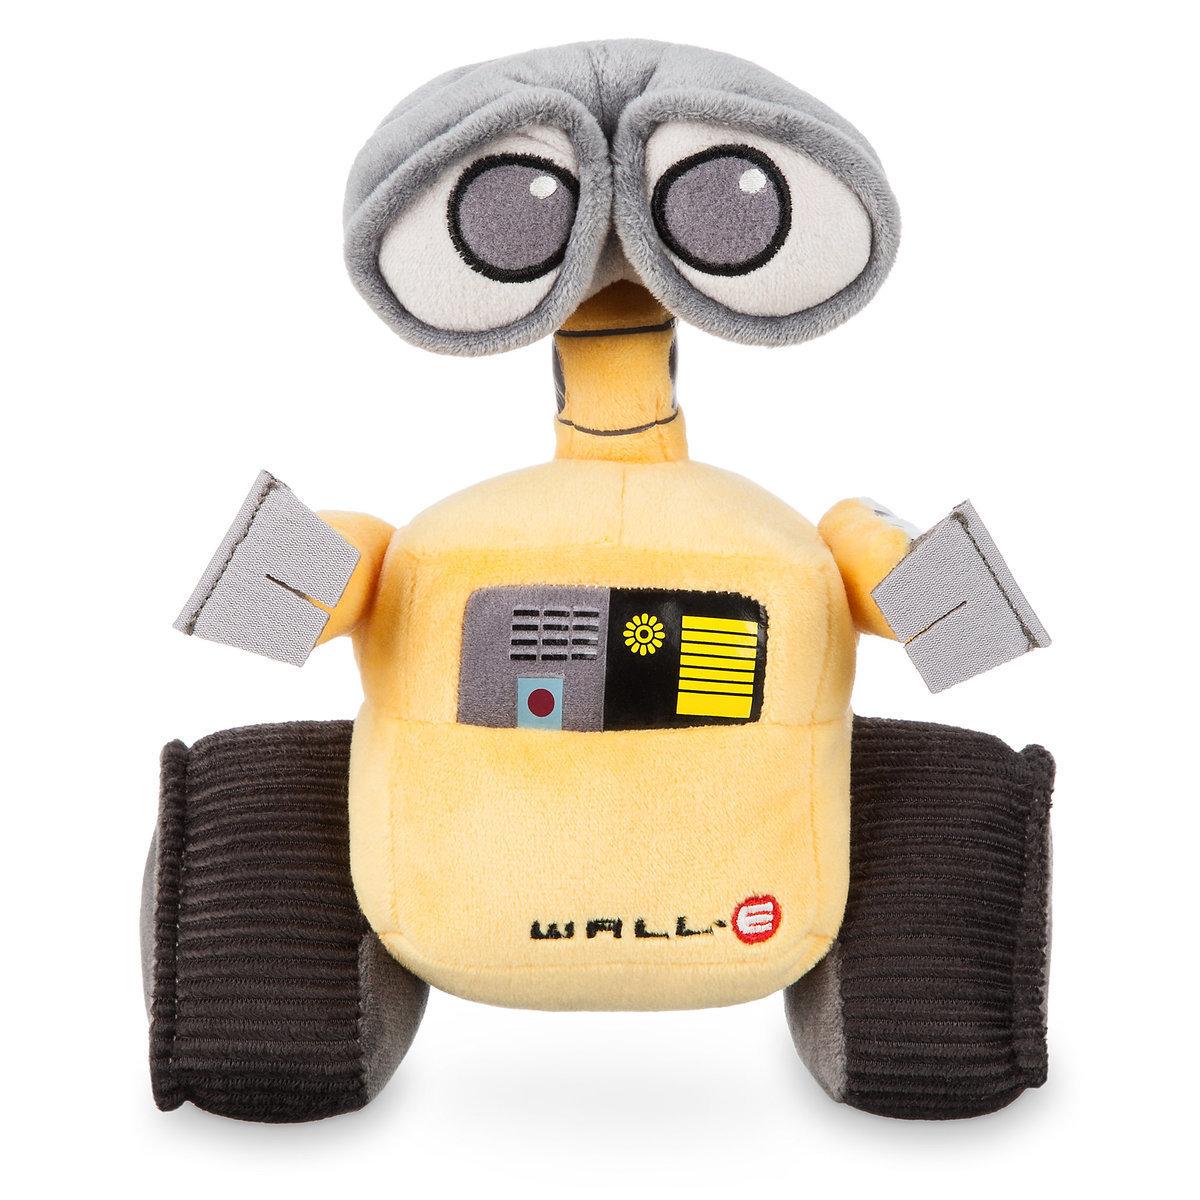 Мягкая игрушка «Валли» - Дисней - 19 см